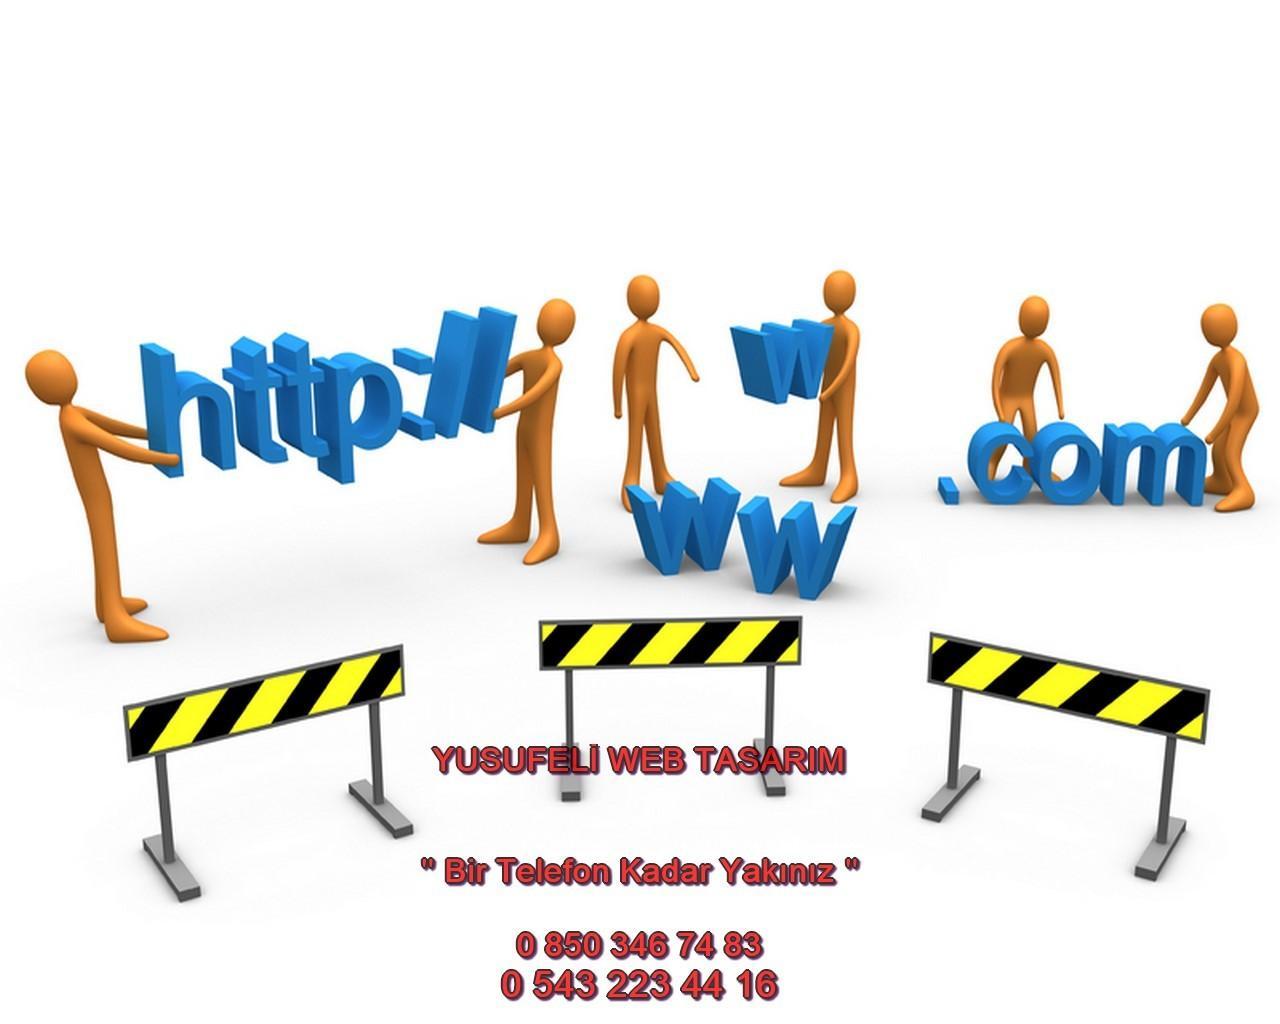 Yusufeli Web Tasarım